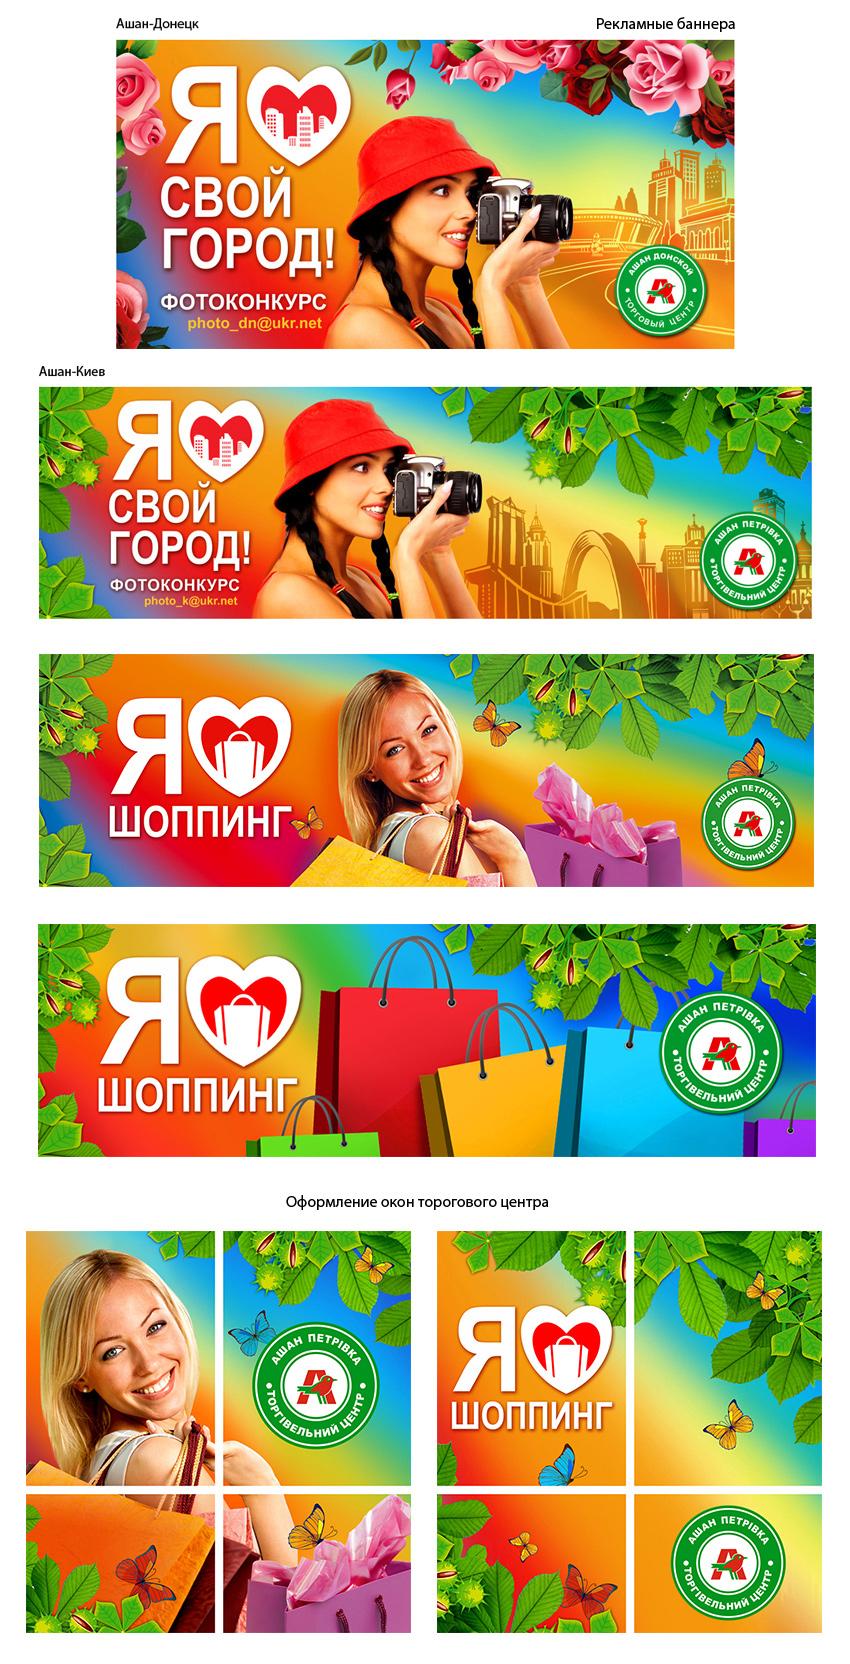 Наружная реклама для ТЦ Ашан